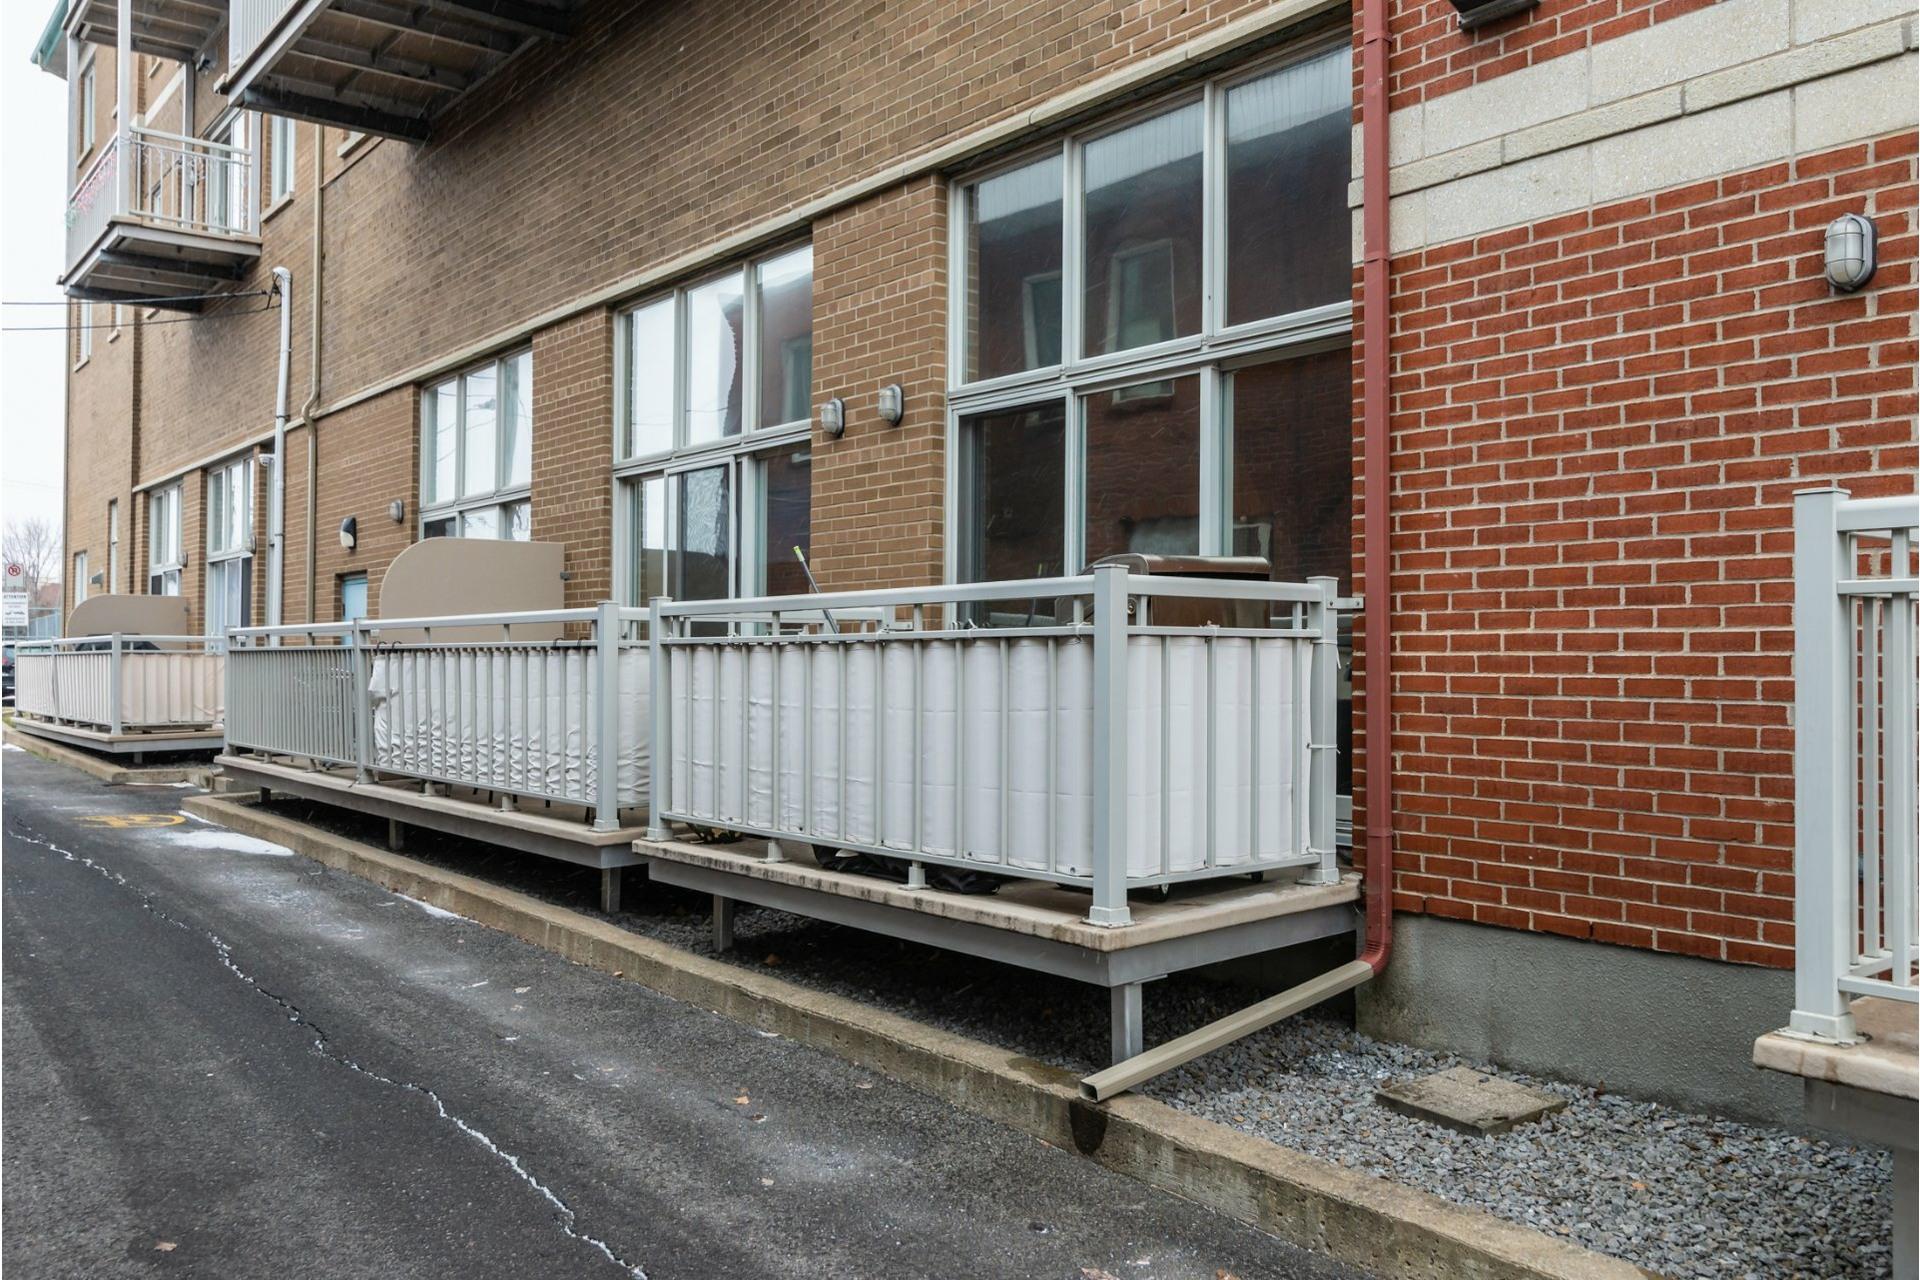 image 27 - Appartement À vendre Lachine Montréal  - 5 pièces